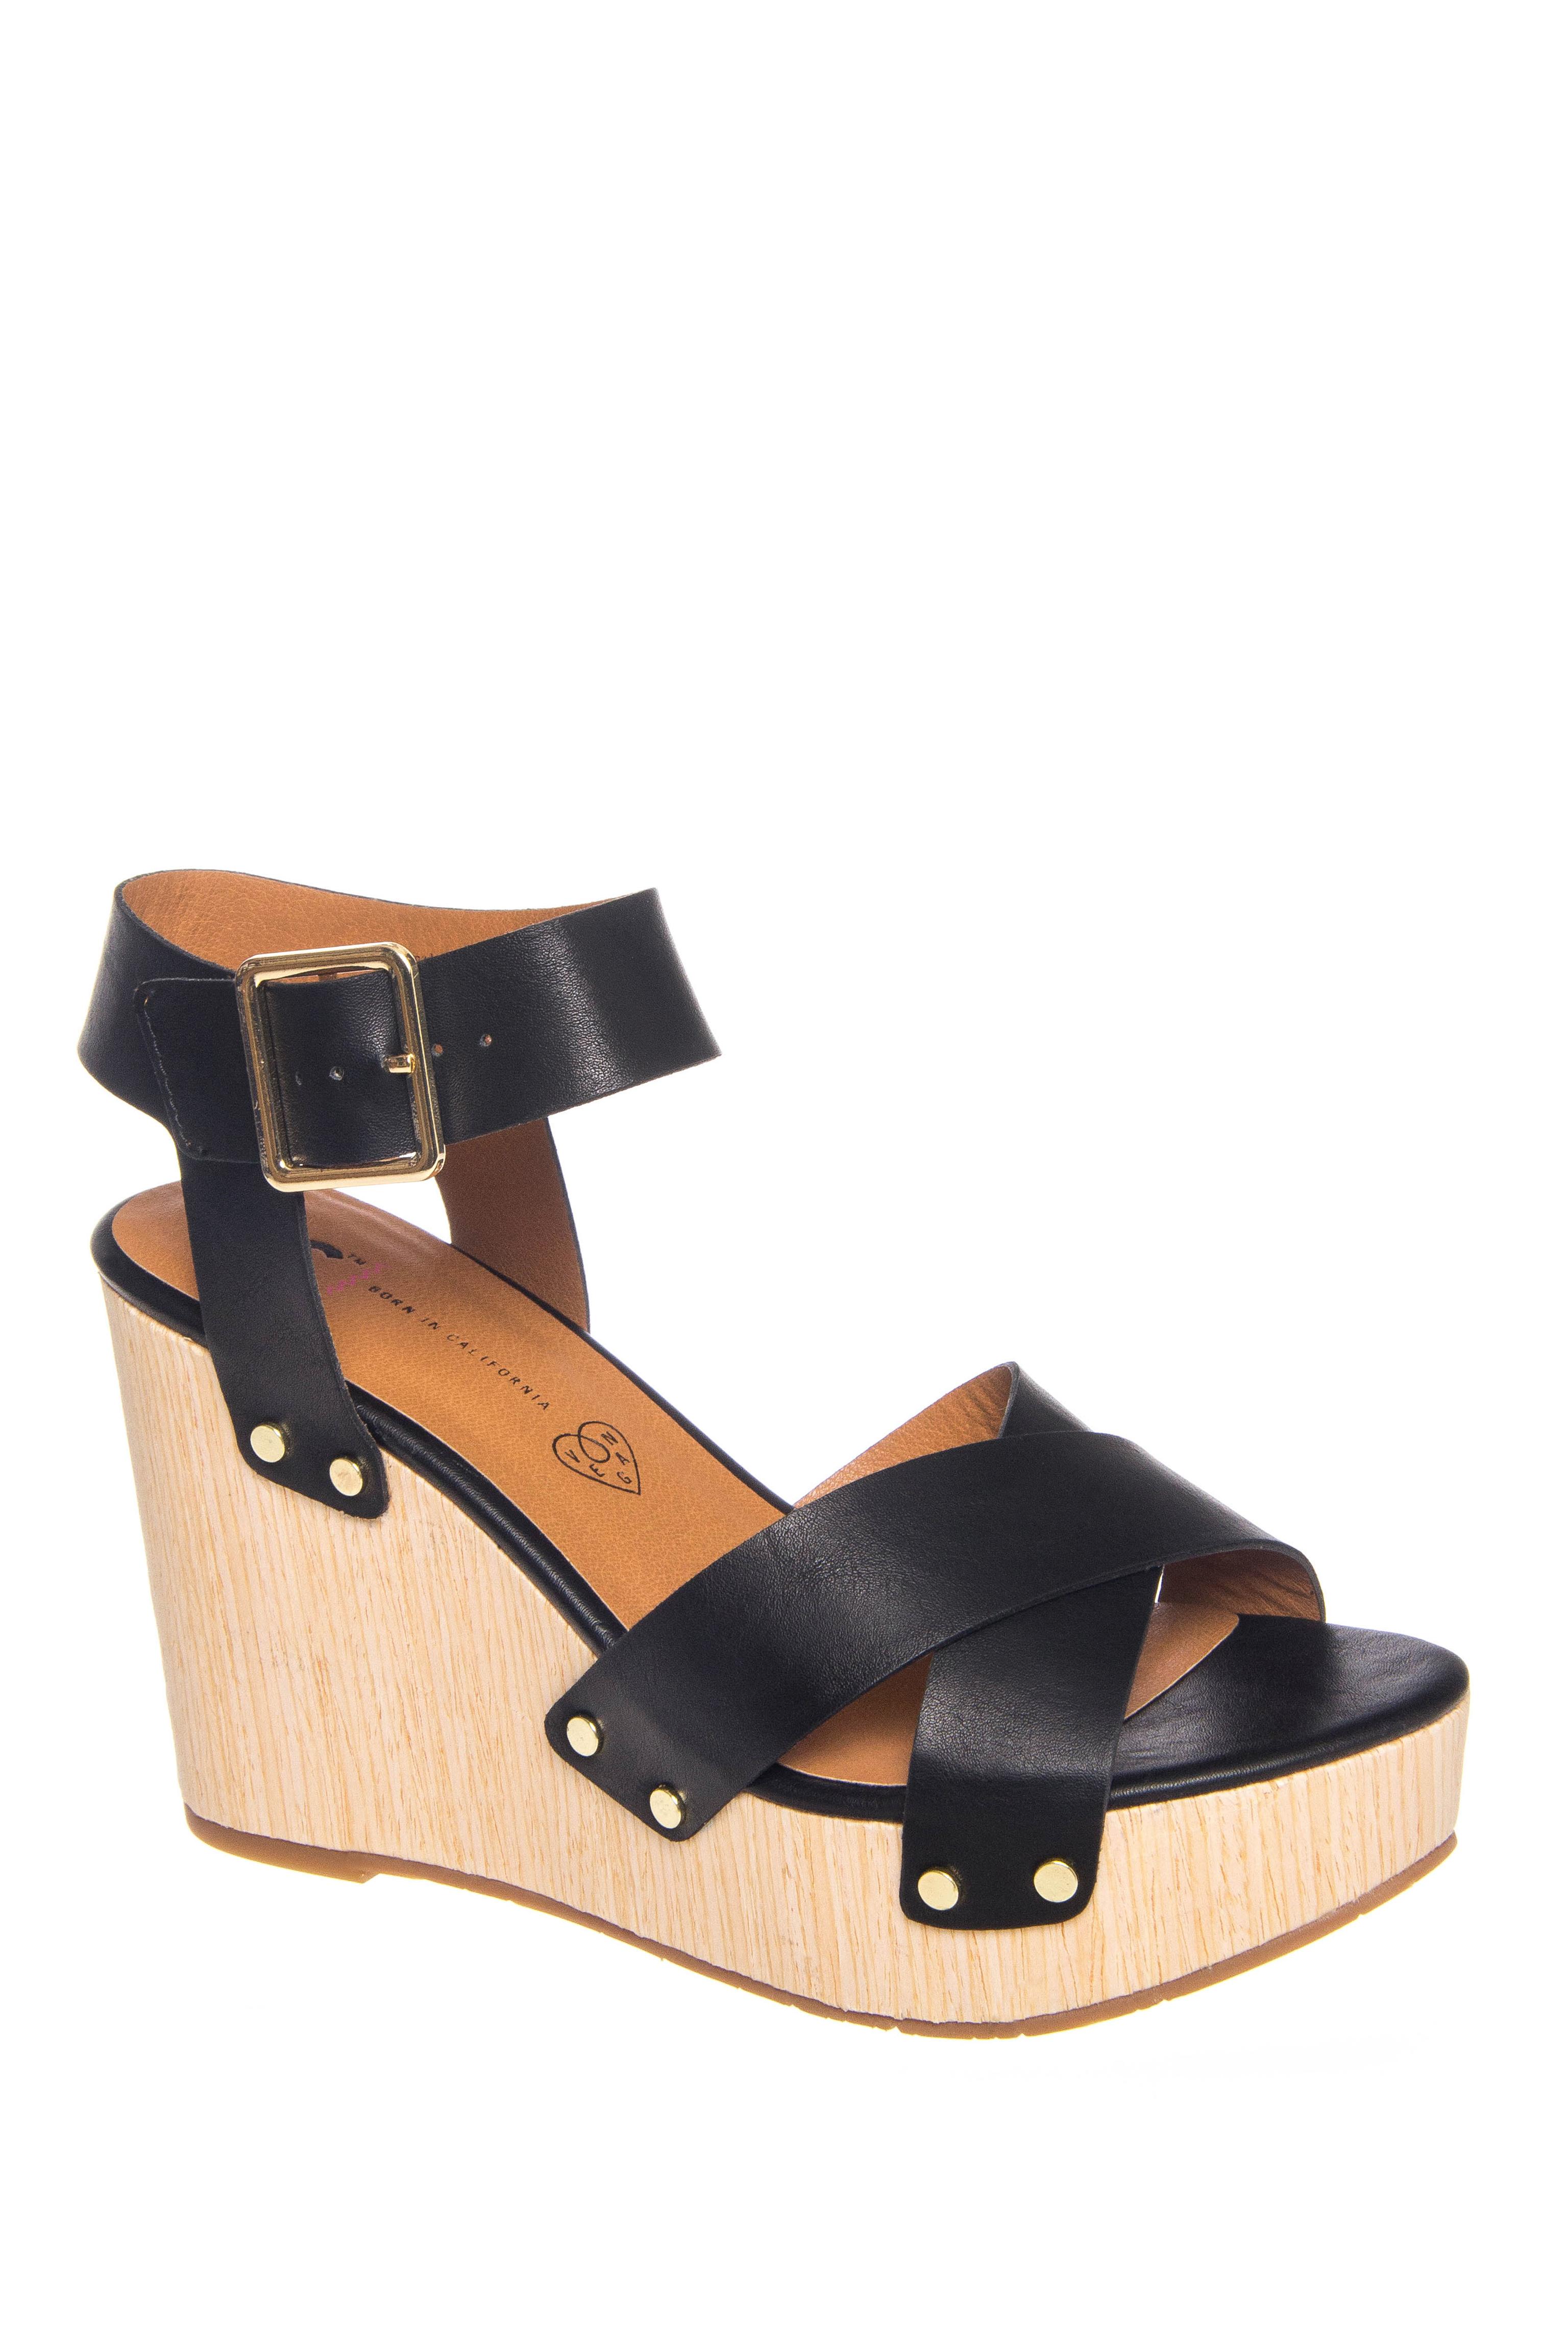 BC Footwear Teeny High Wedge Platform Sandals - Black